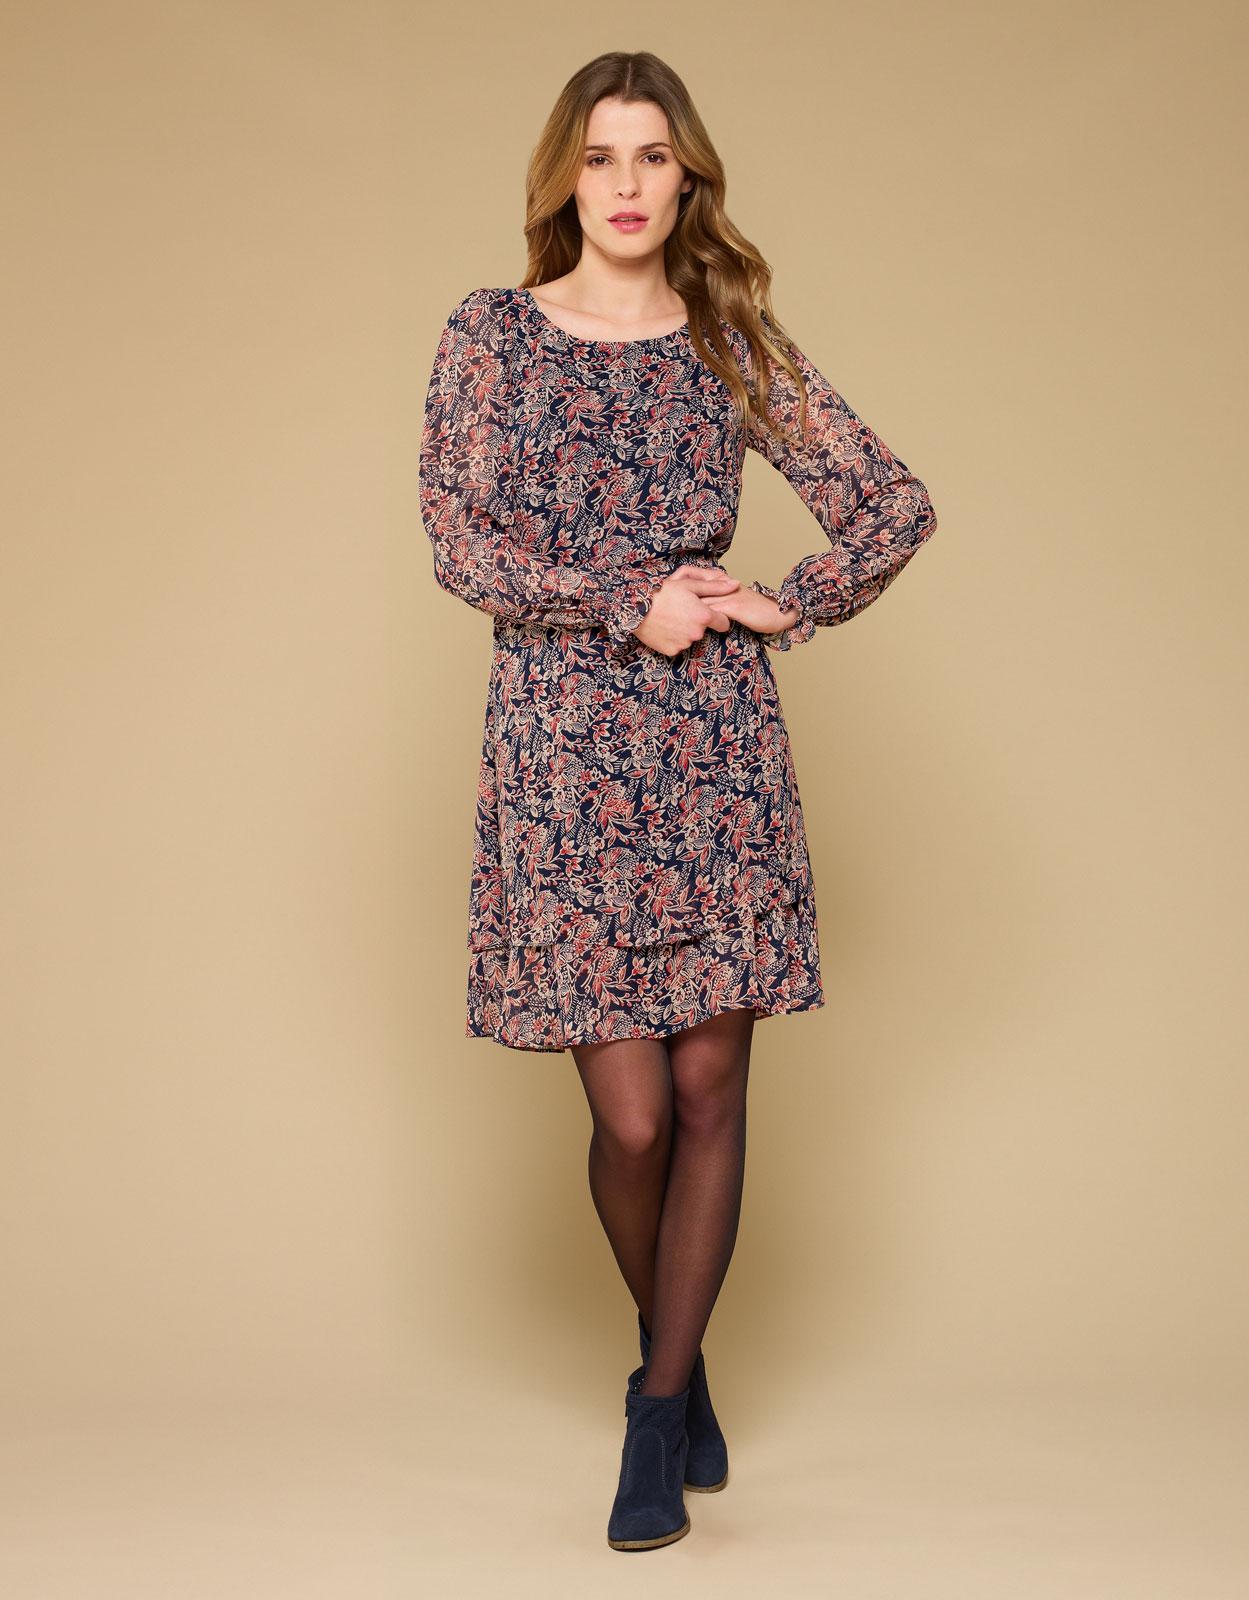 8939392761886tunic dress